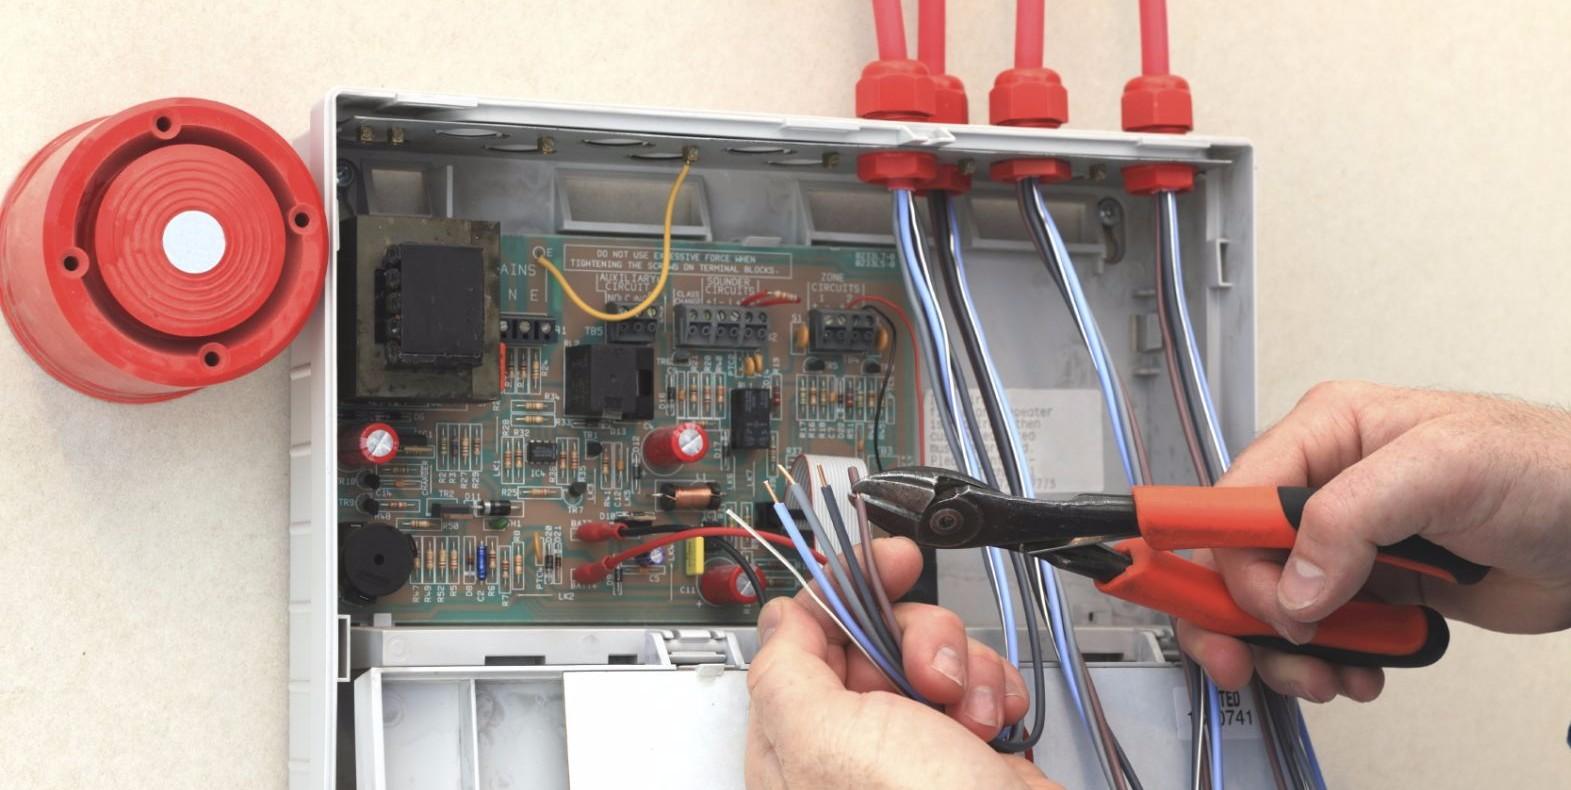 Техника безопасности при установке пожарнрй сигнаоизации